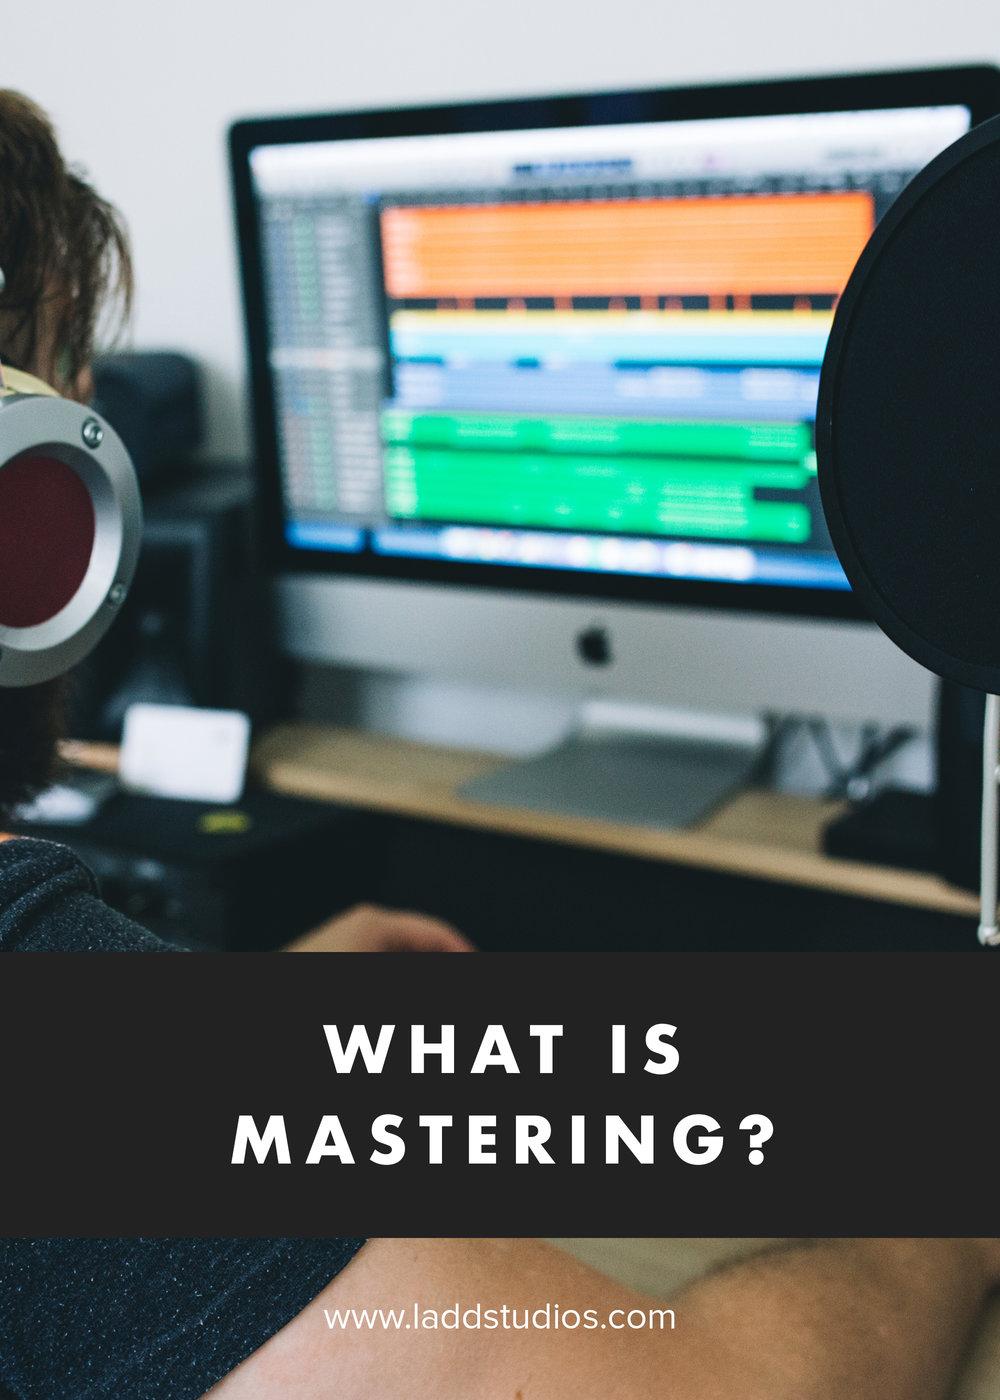 what-is-mastering-ladd-studios.jpg